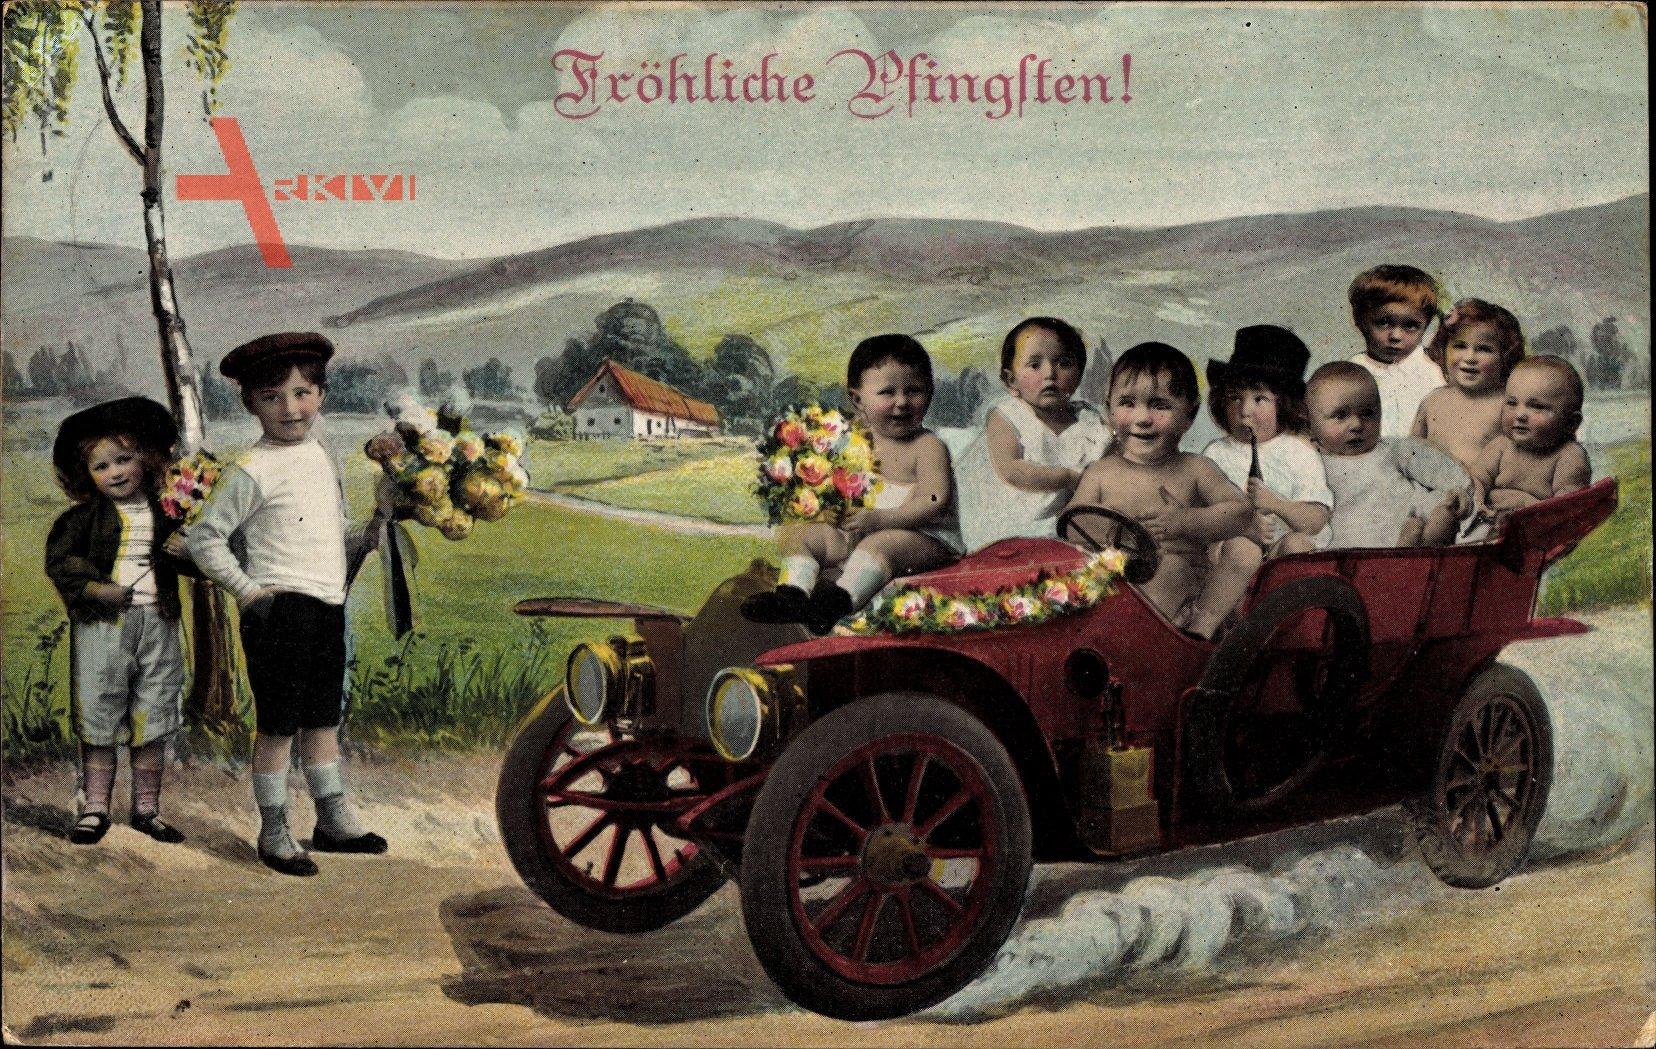 Glückwunsch Pfingsten, Kinder fahren Auto, Fotomontage